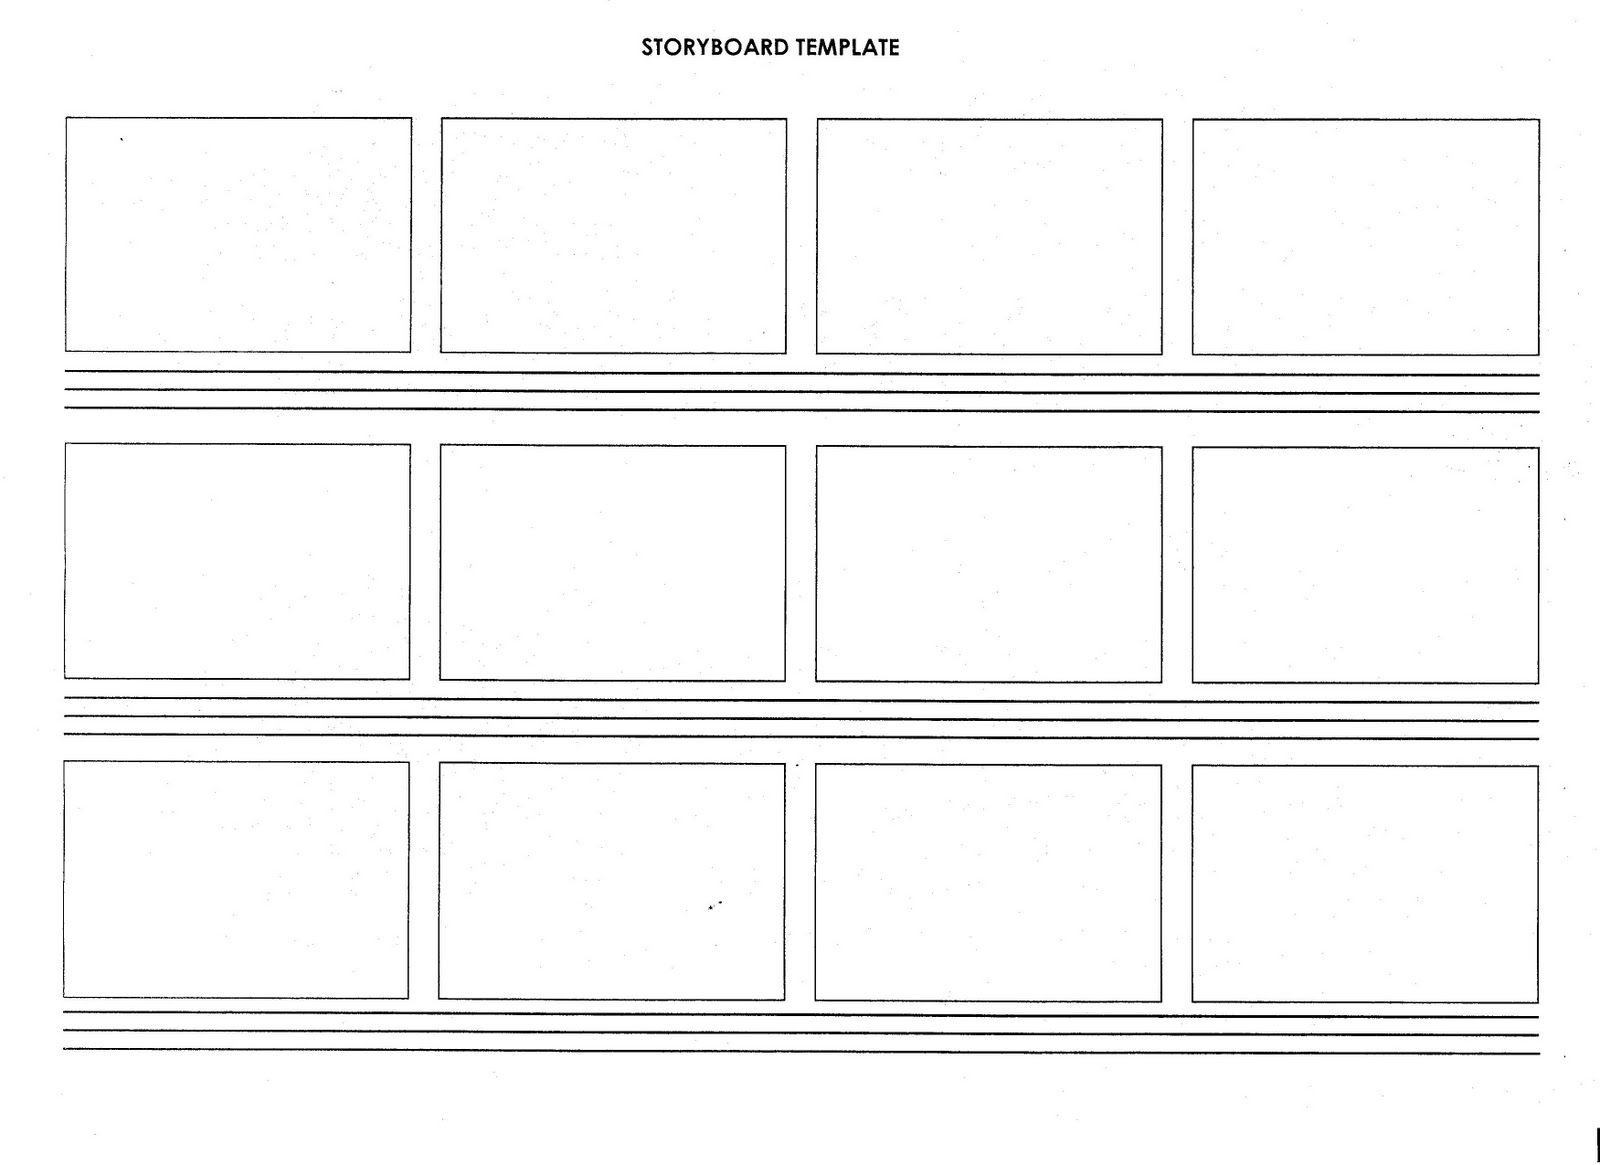 Script Storyboard Template Blank